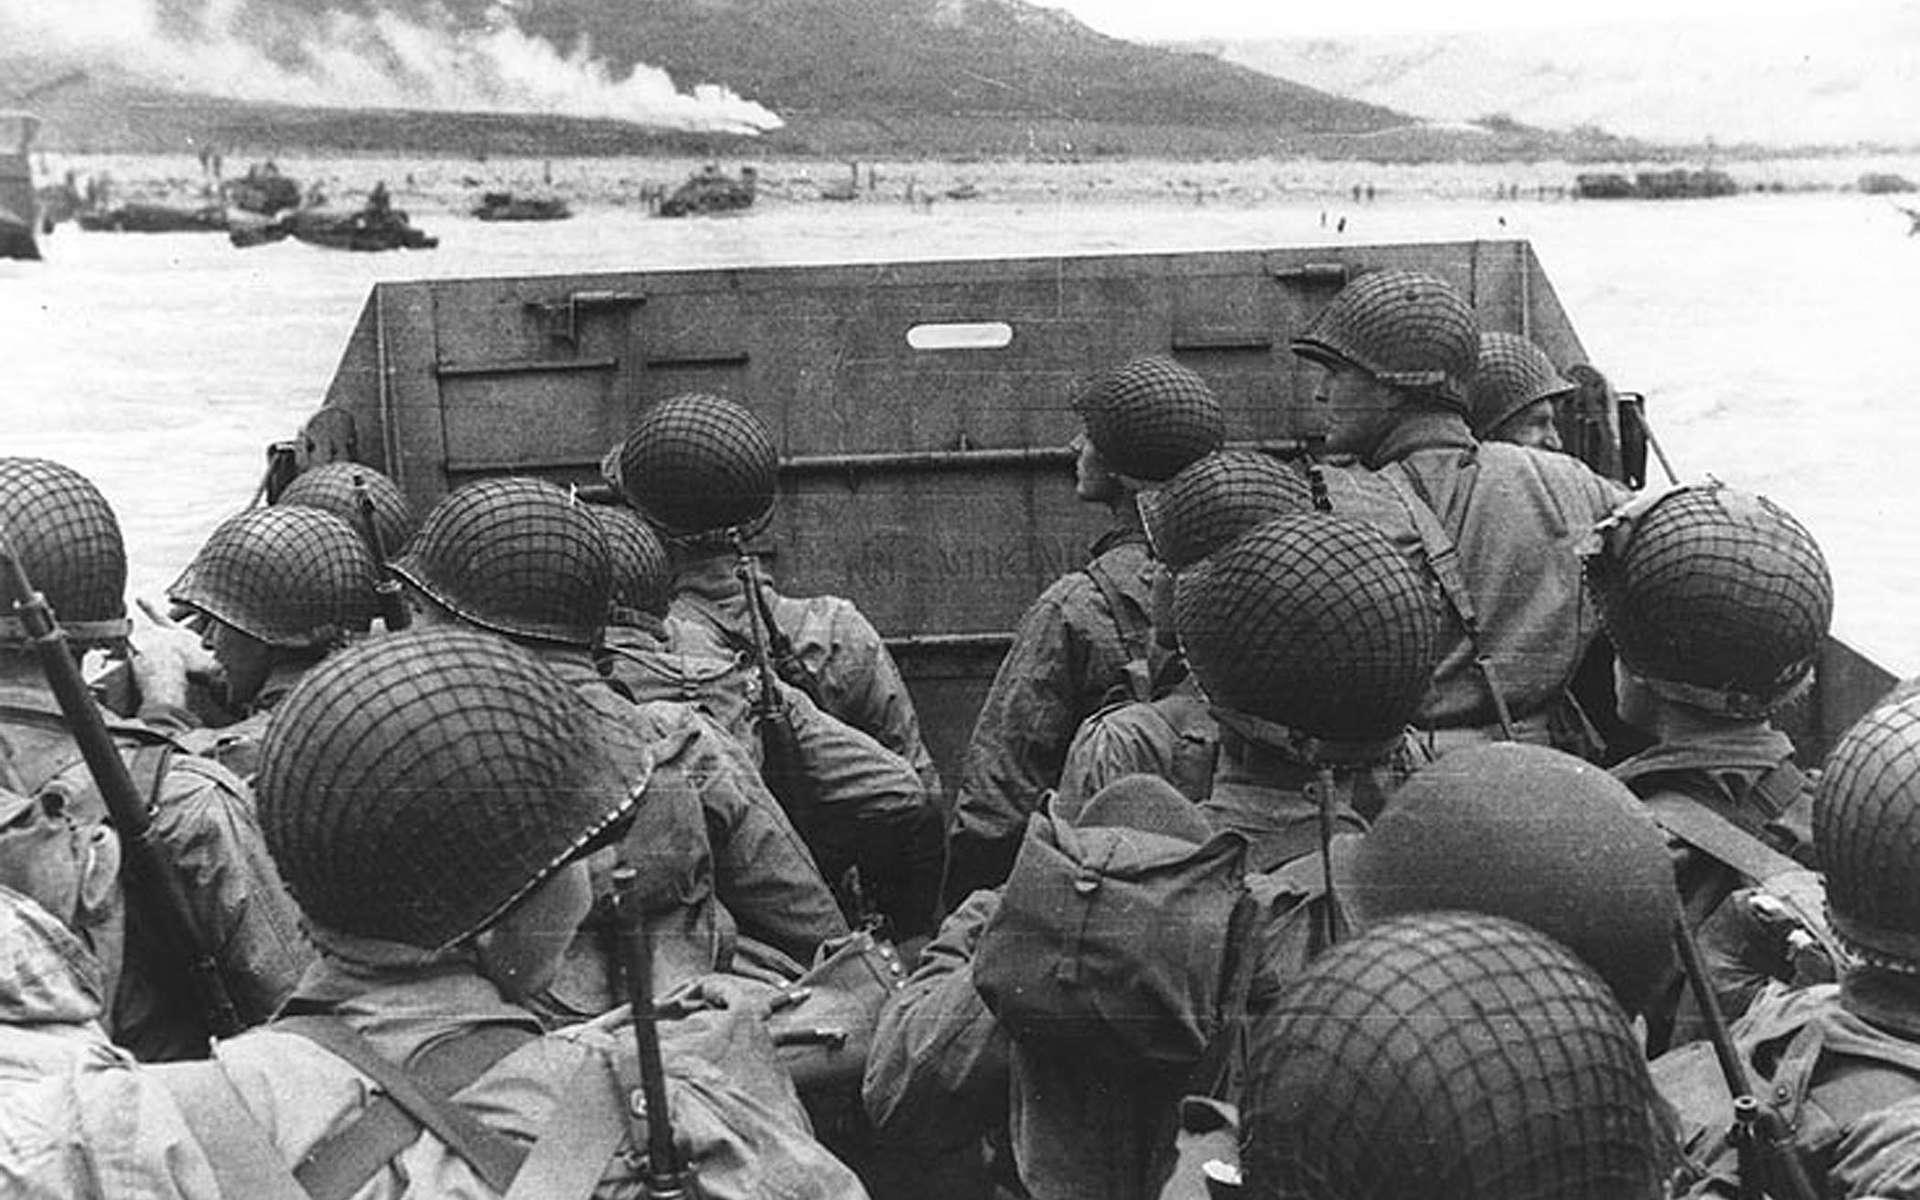 Le débarquement de Normandie du 6 juin 1944, ou D-Day, est l'une des plus grandes batailles de la seconde guerre mondiale. © DVIDSHUB, Wikimedia Commons, CC by-sa 2.0